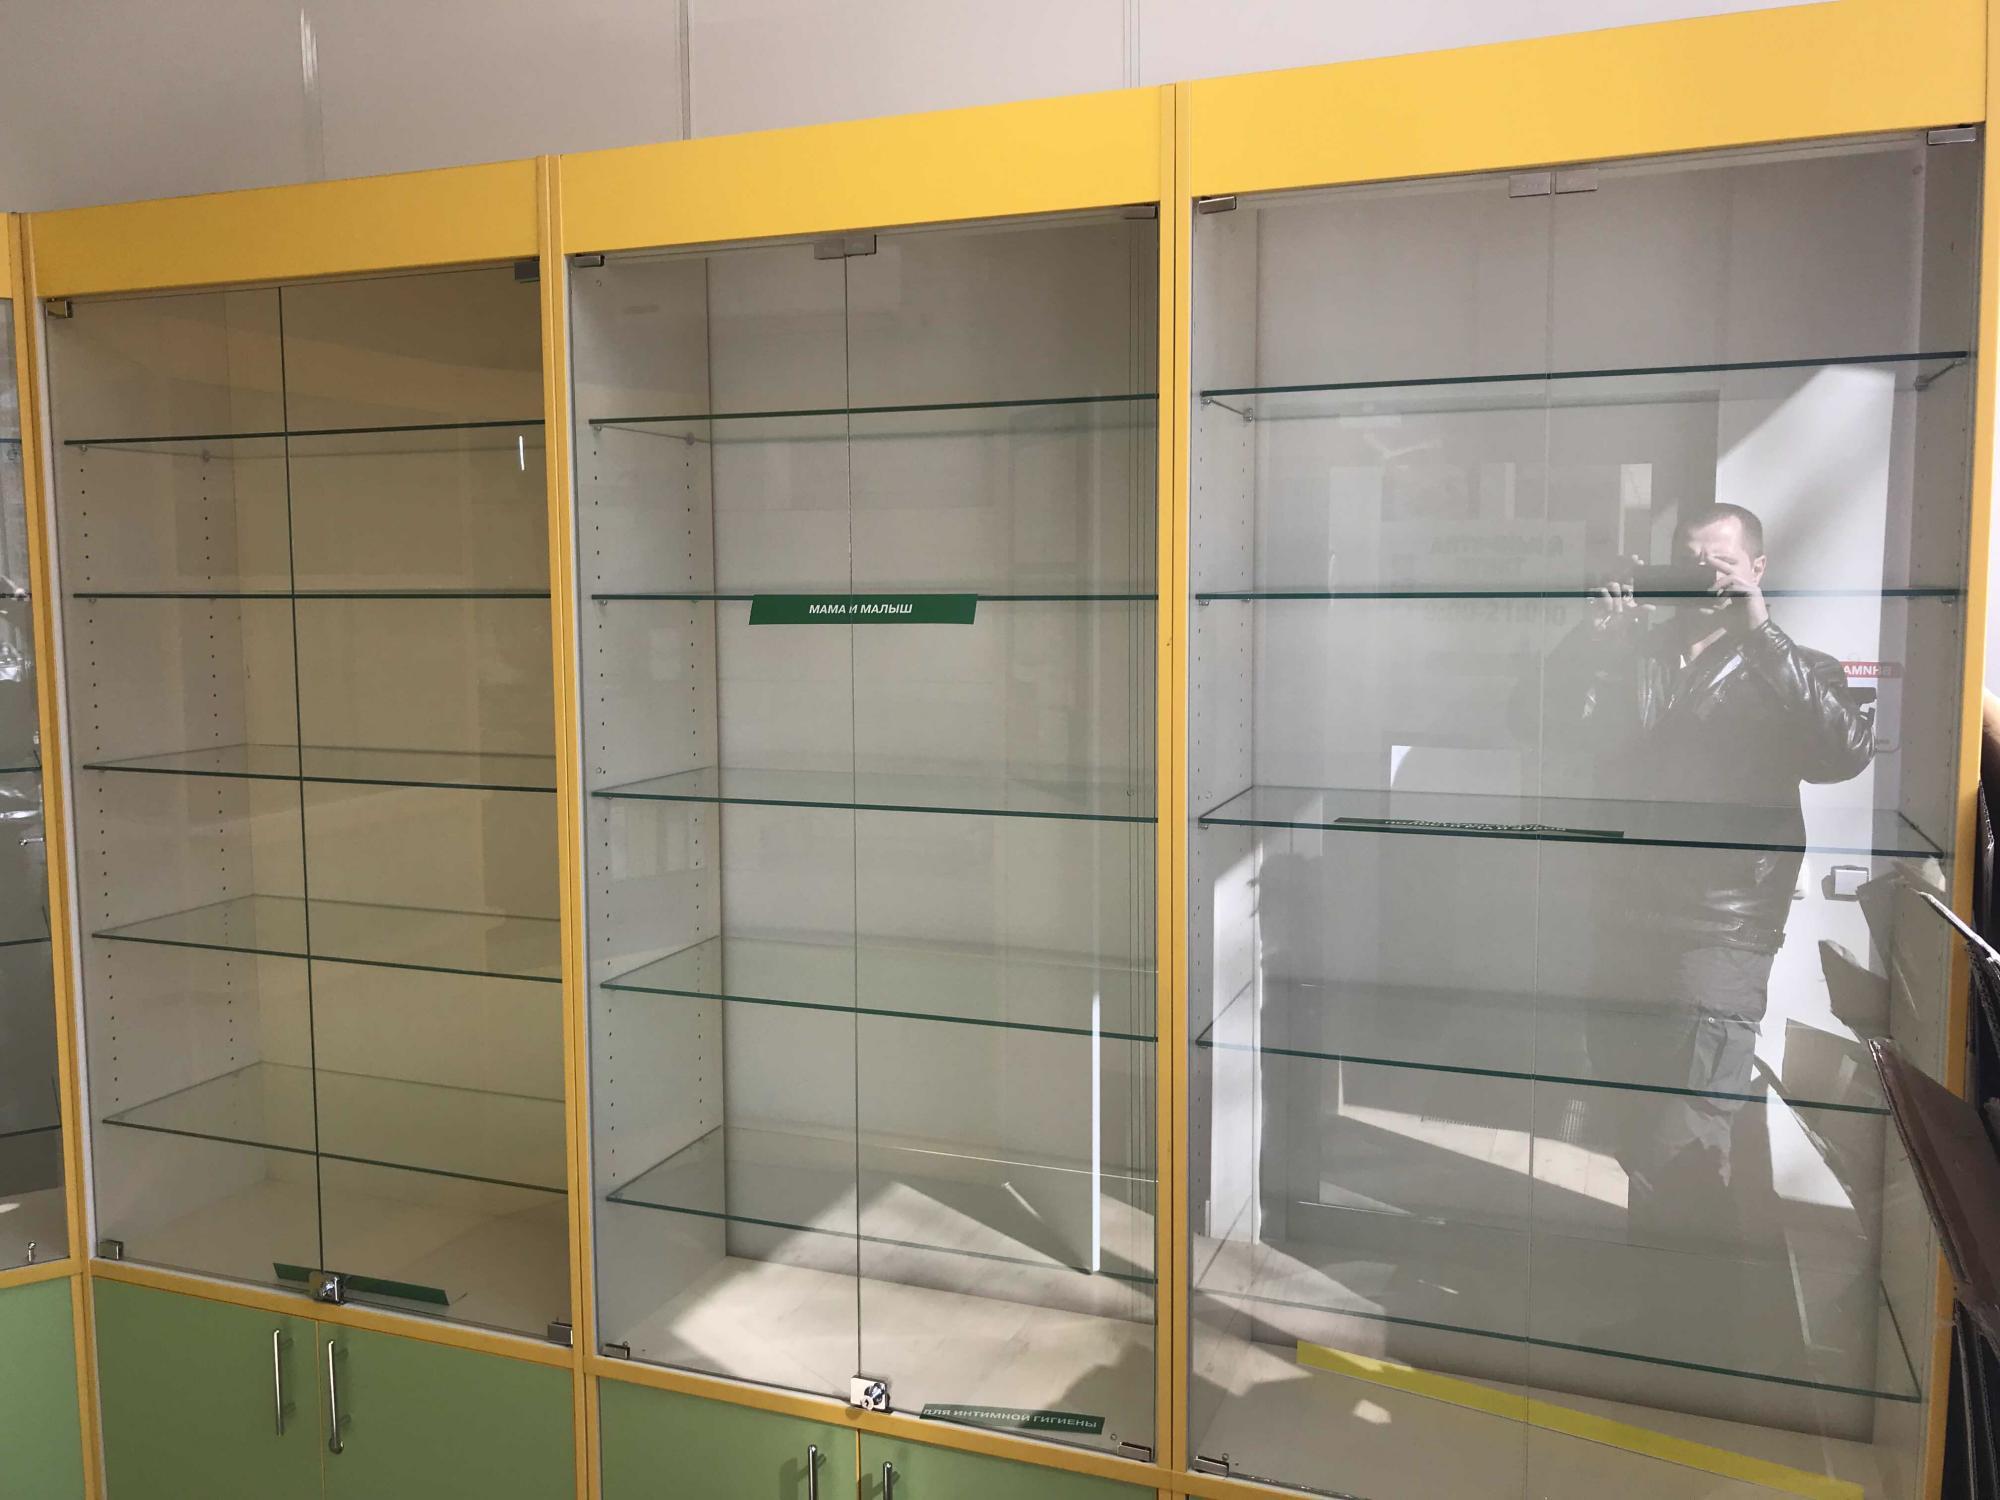 шкафы для аптеки фото конъюнктивит котят